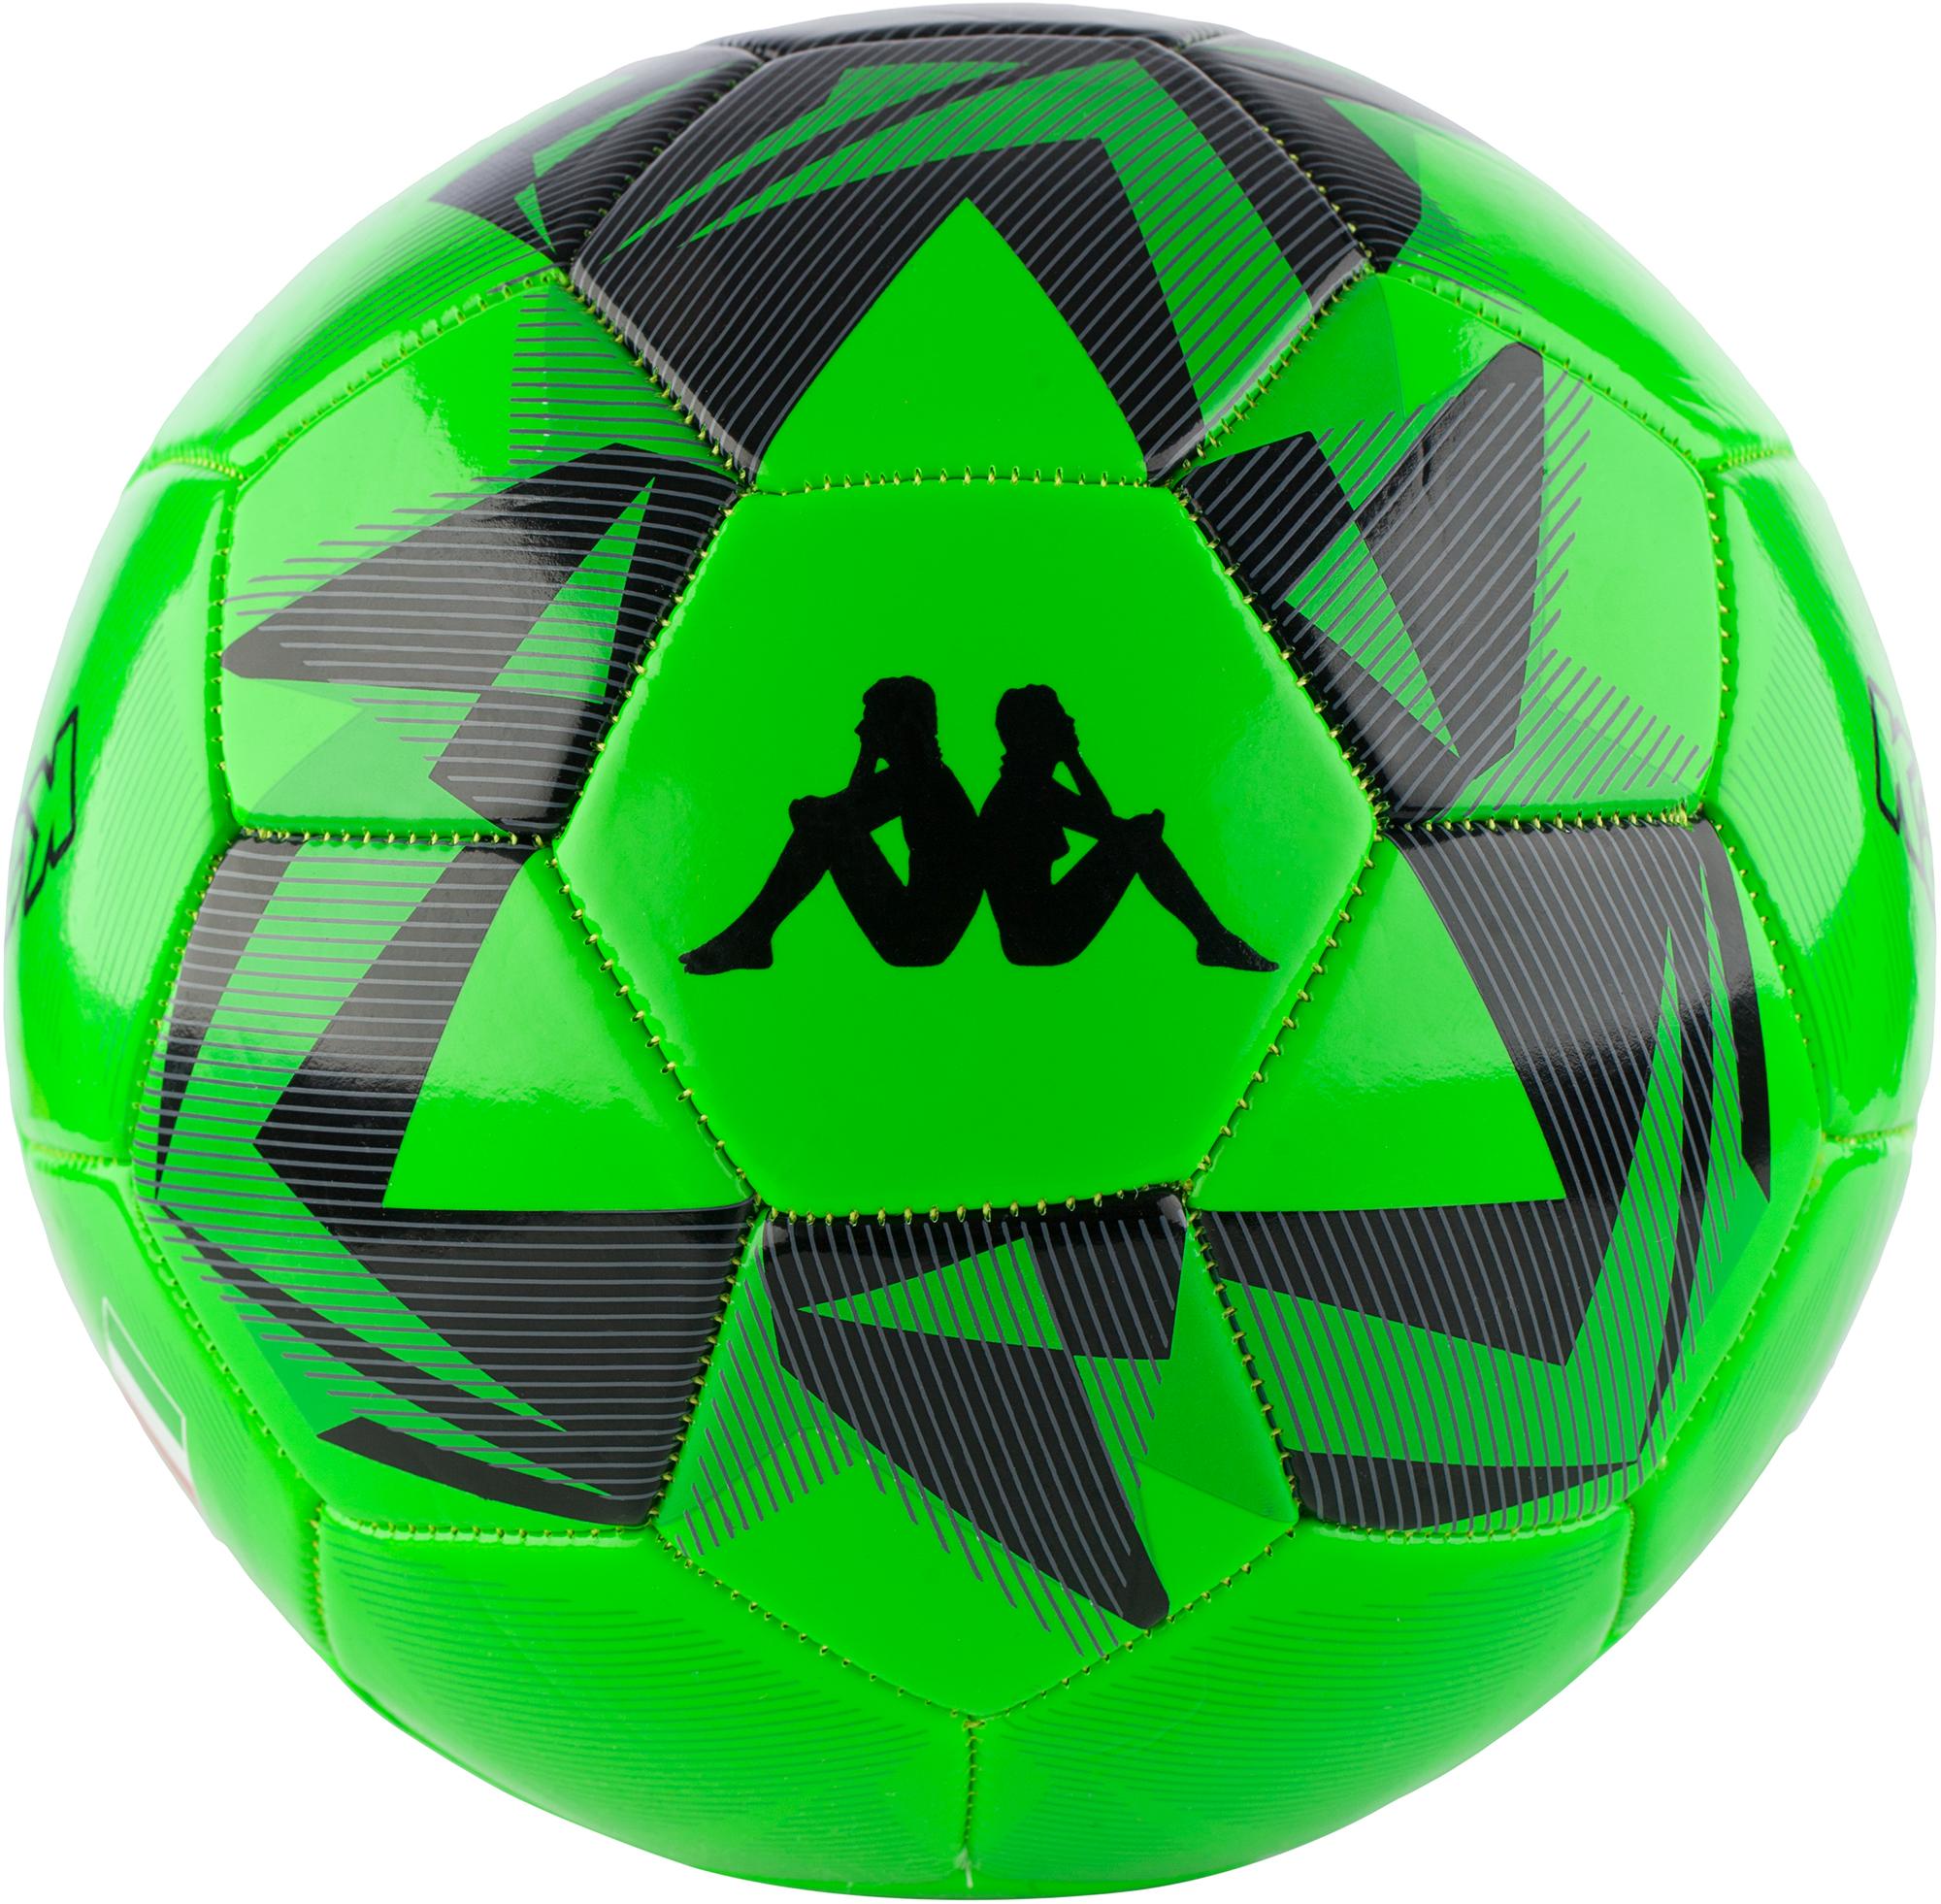 6176ca2b Футбольные мячи Kappa - каталог цен, где купить в интернет-магазинах ...